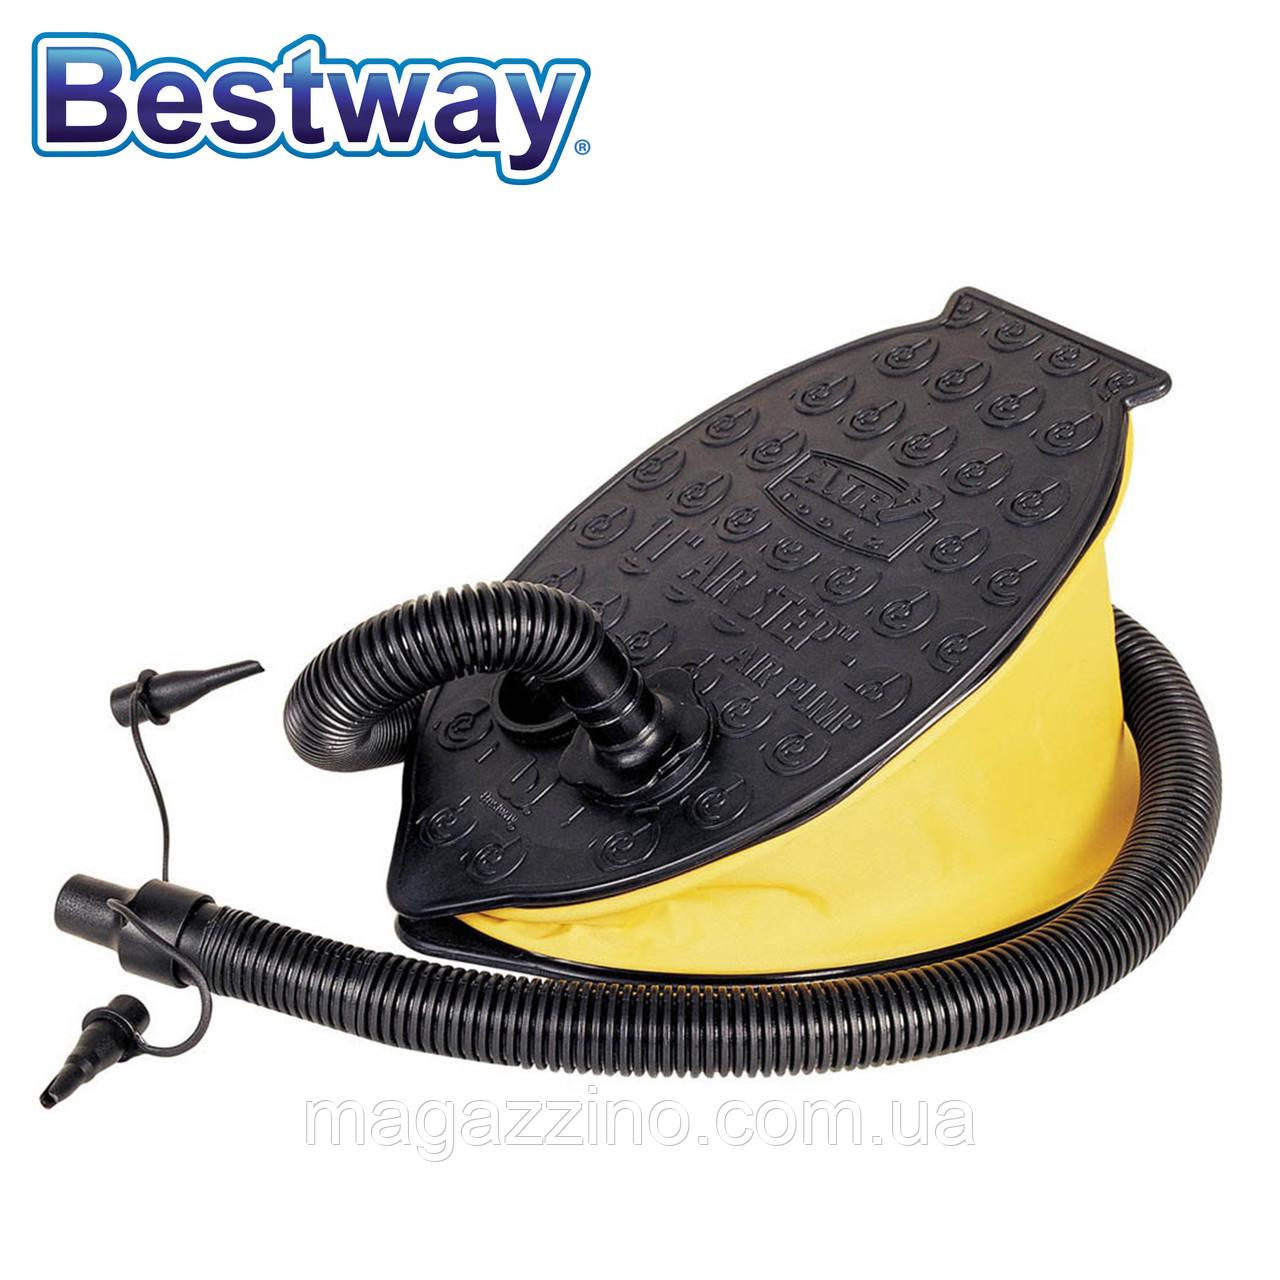 Ножний насос для надування Bestway, 1,4 л.